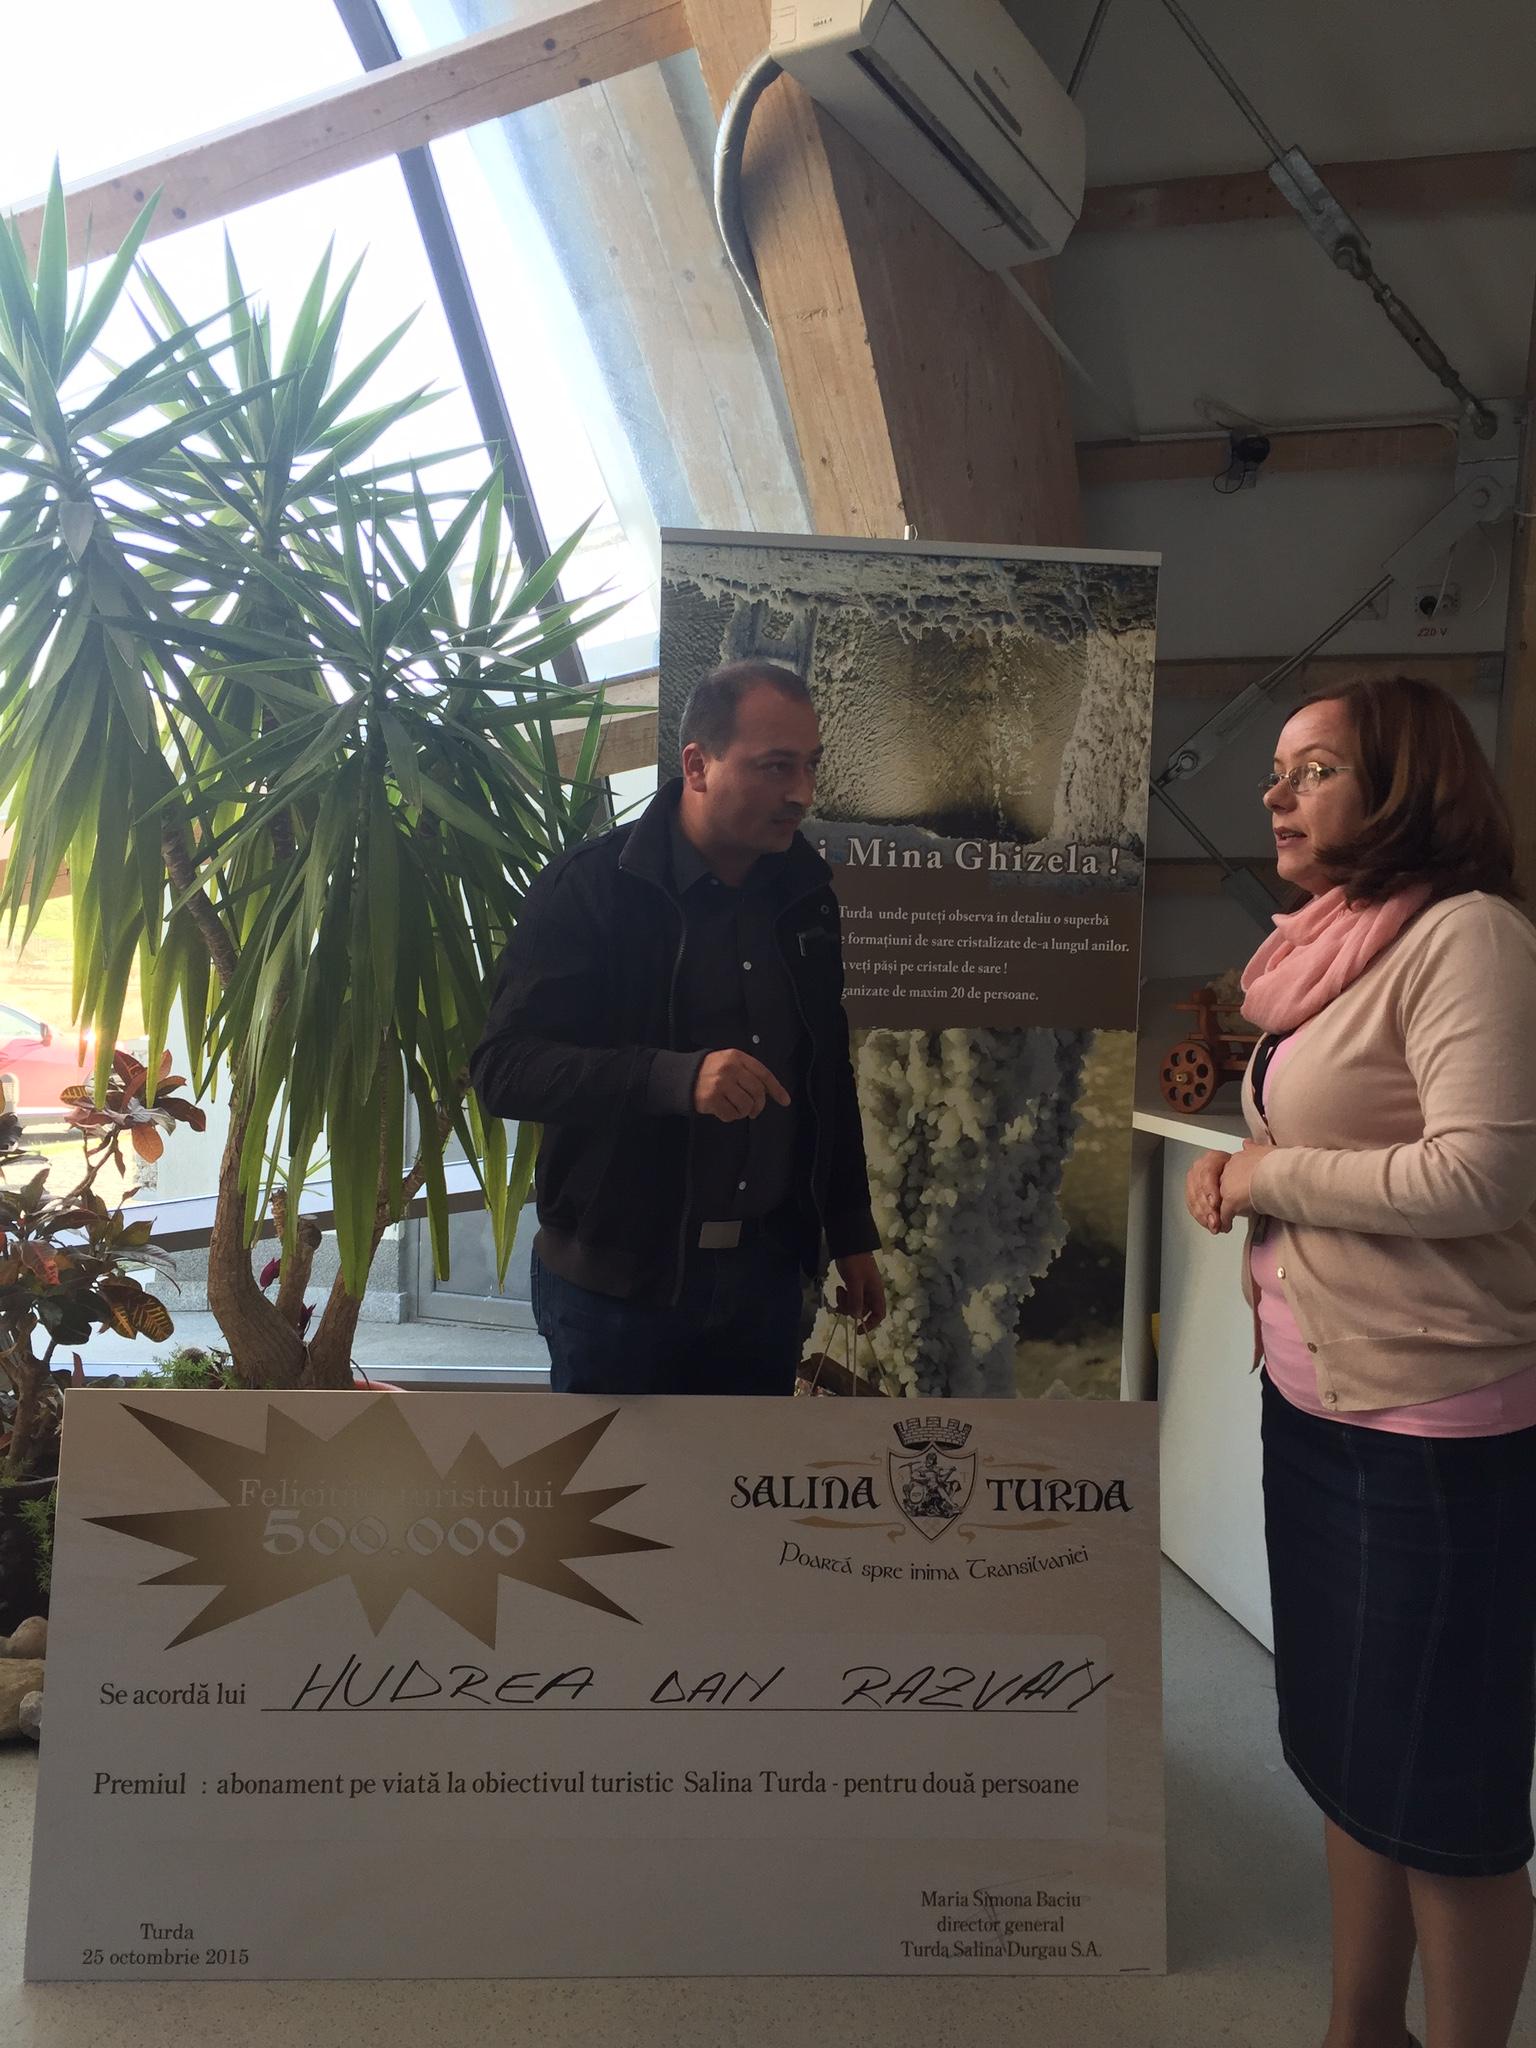 Un tânăr din Mureș a fost turistul cu numărul 500.000 la Salina Turda, în acest an